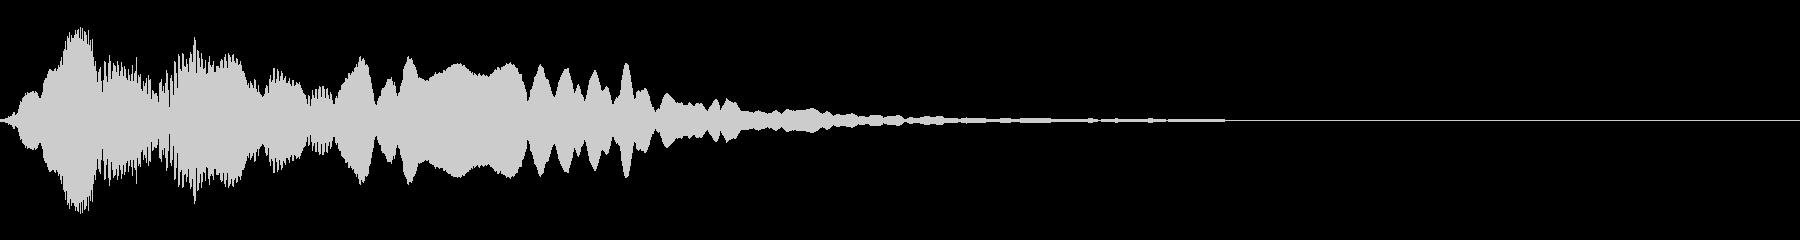 忍者登場 RPG ゲーム  尺八の未再生の波形